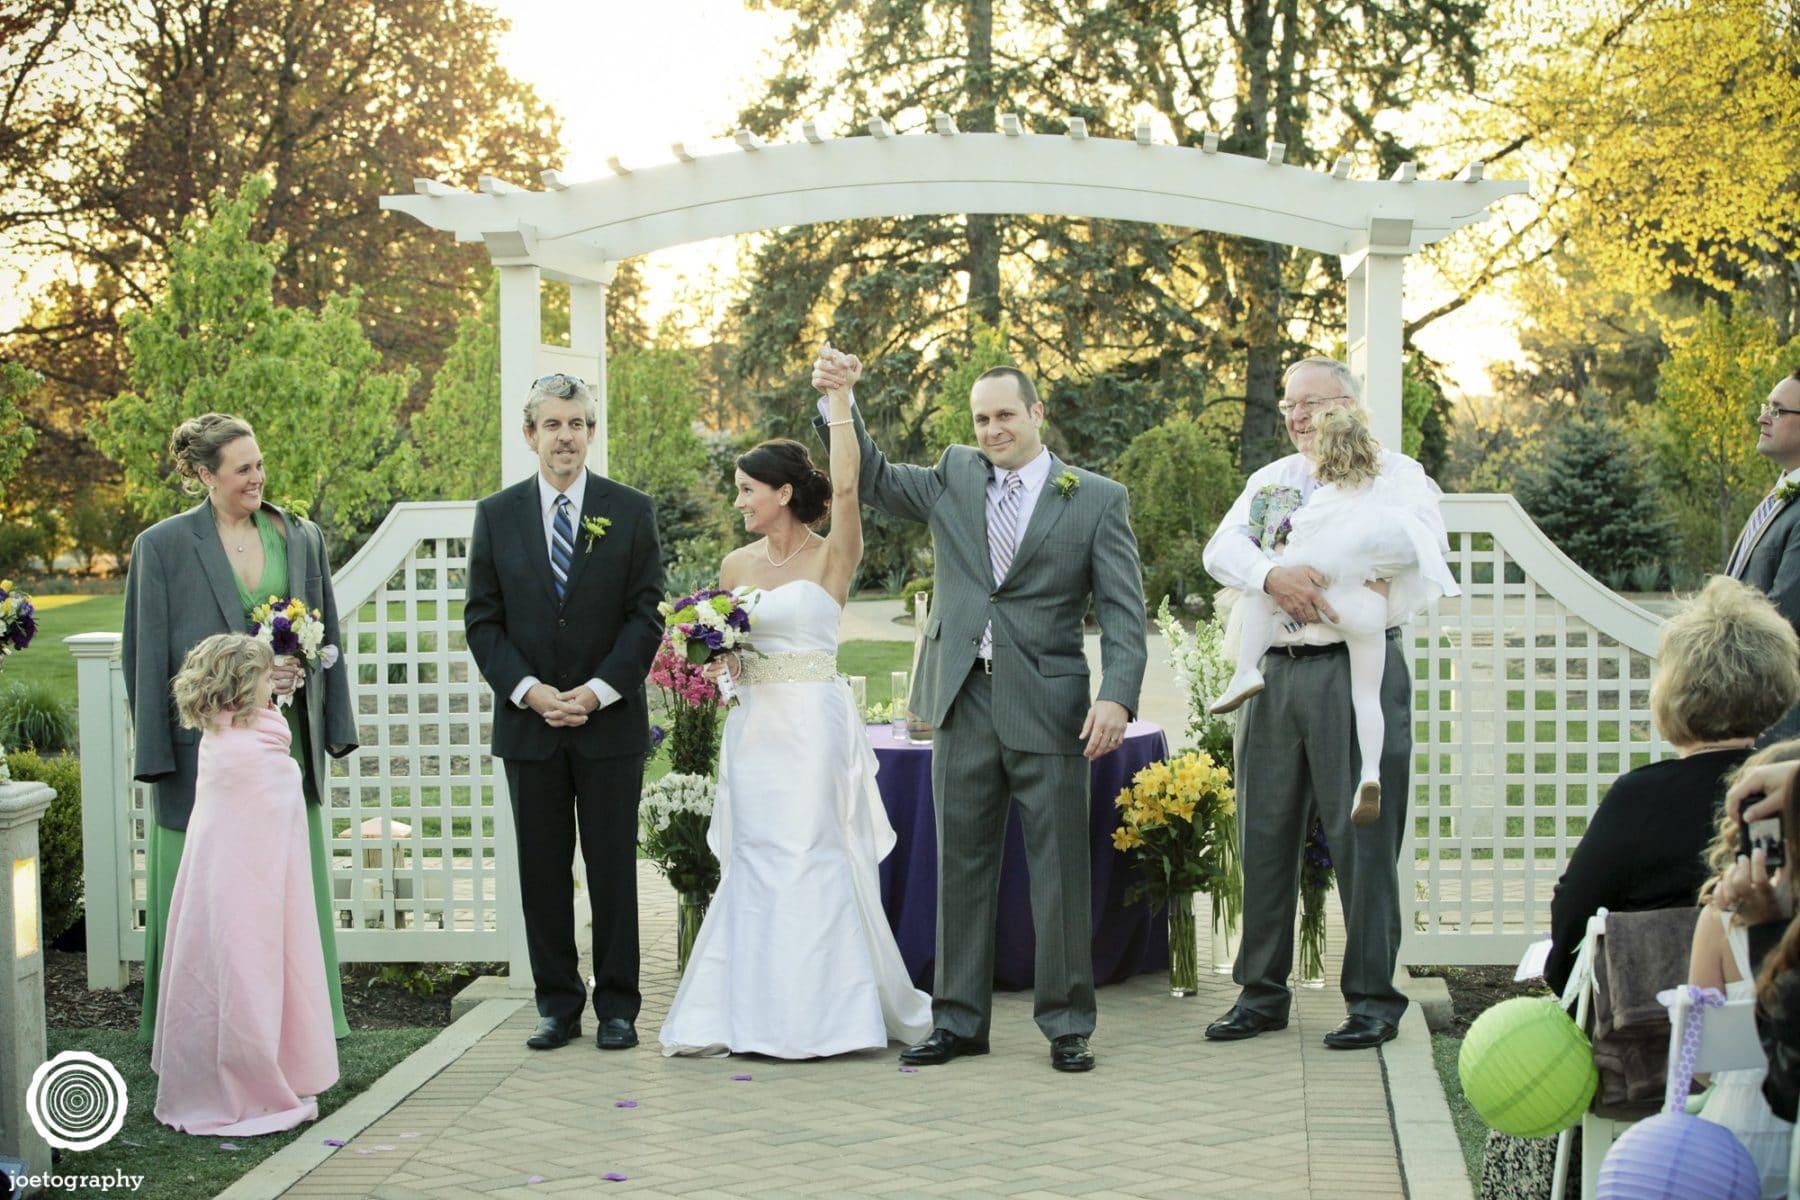 Beedles-Wedding-Photos-Naperville-Illinois-194